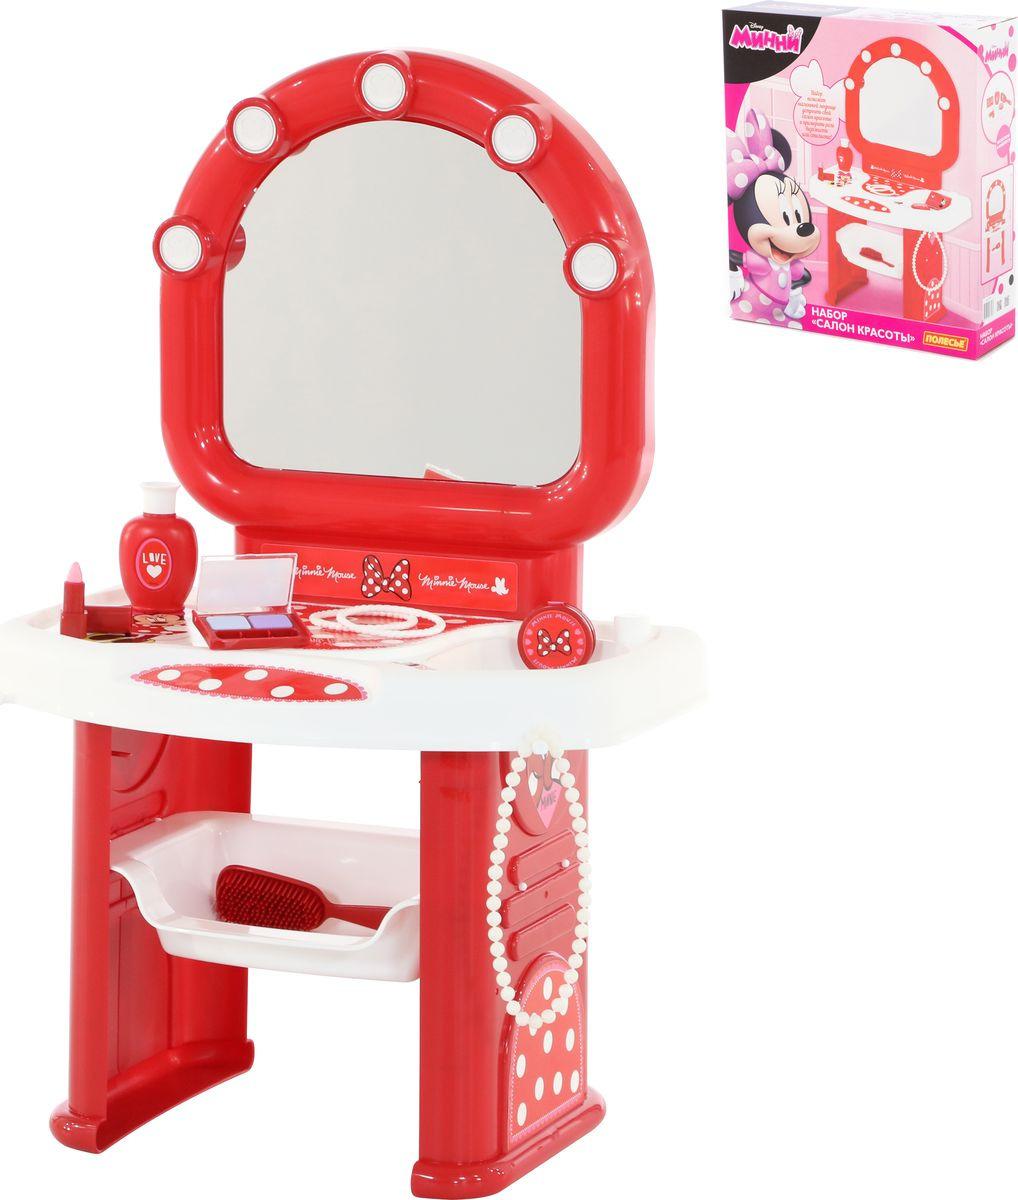 Игровой набор Полесье Салон красоты Disney Минни Маус, 73167 игровой набор hasbro салон красоты троллей